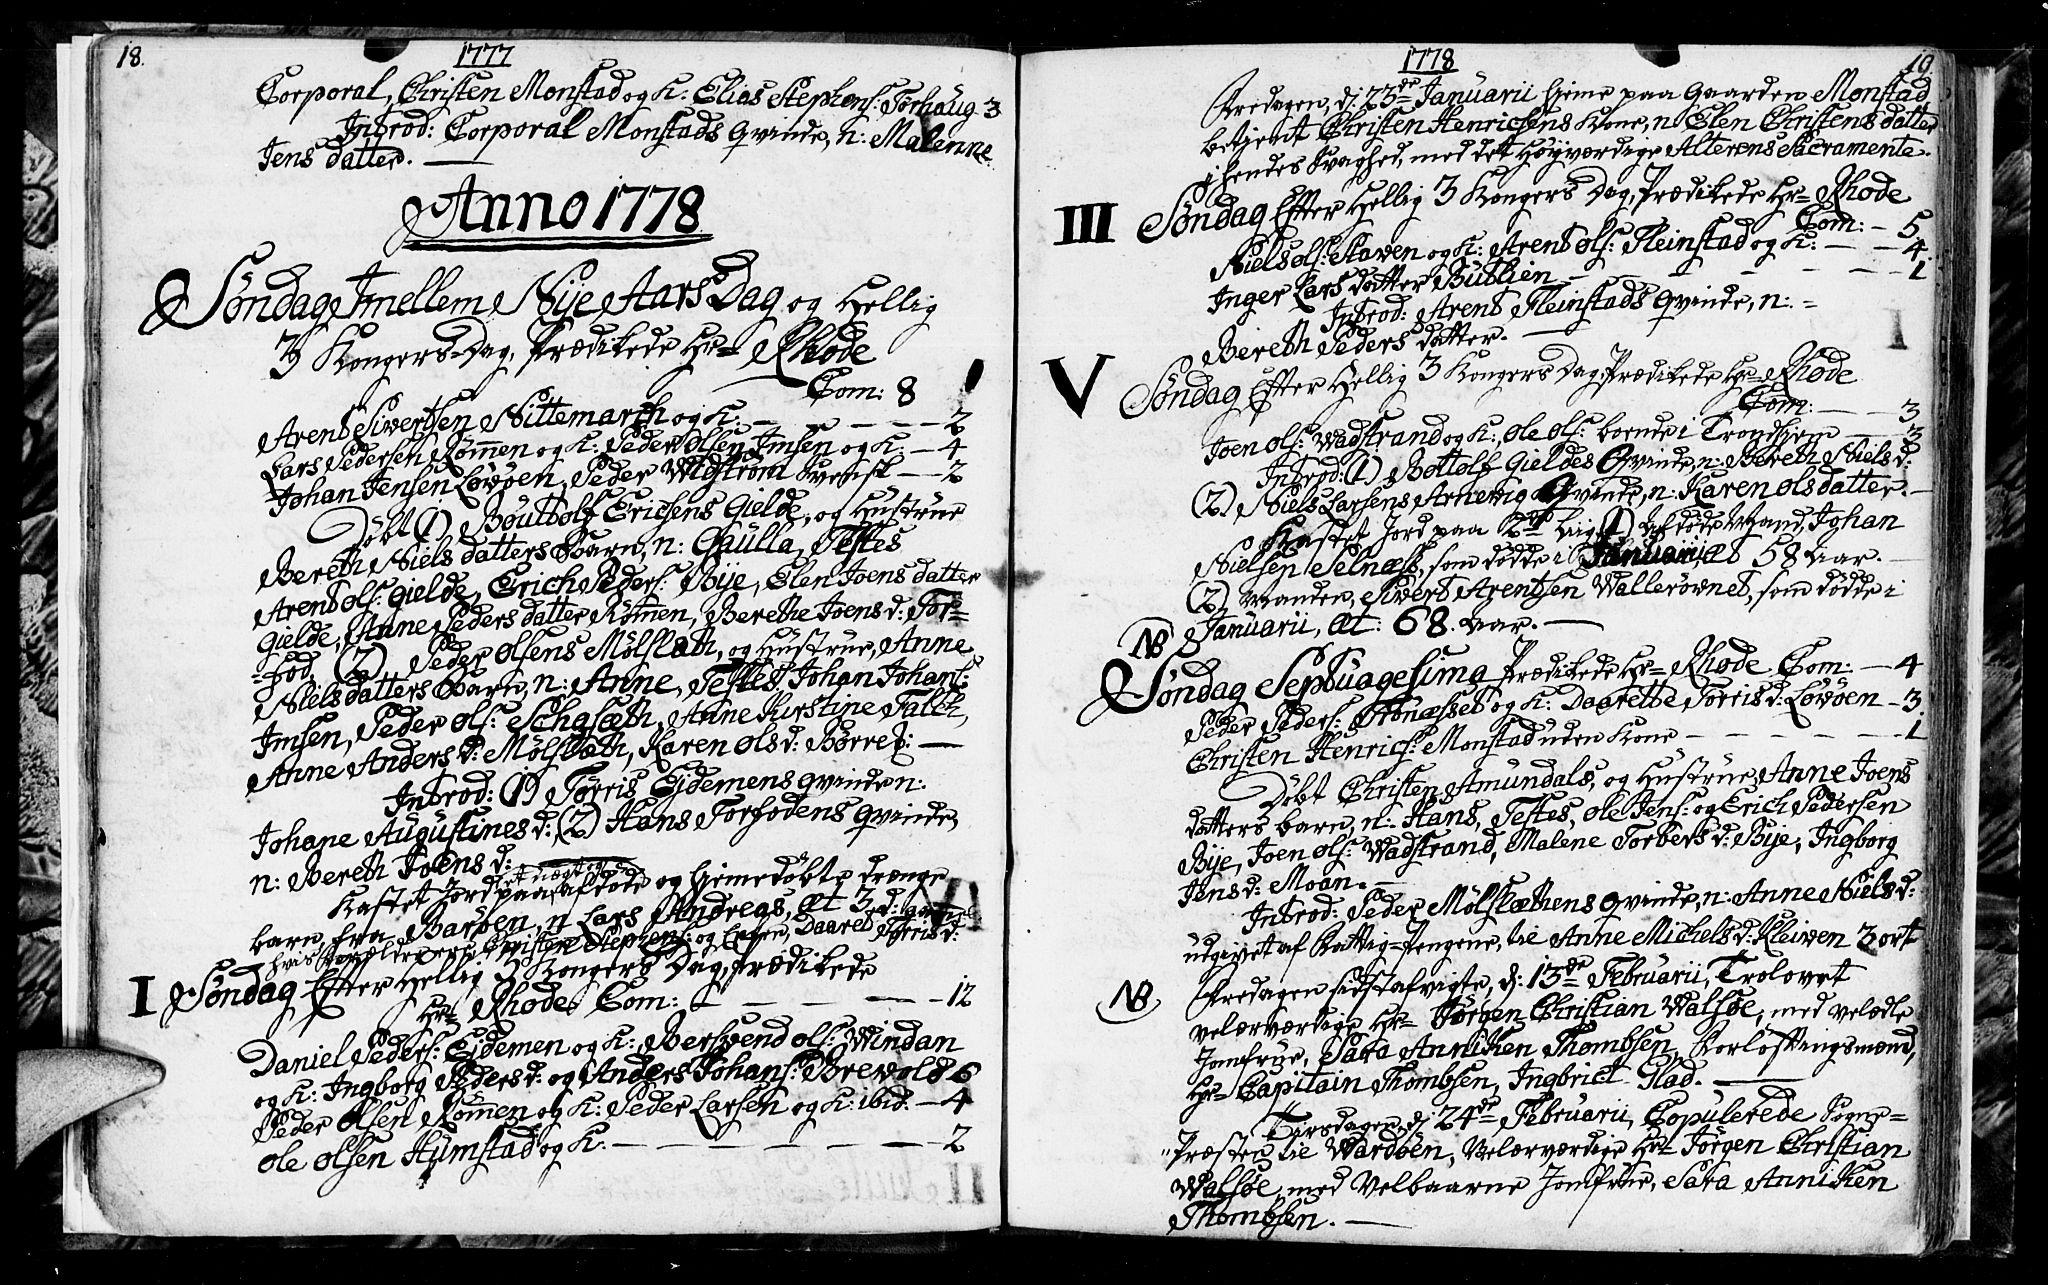 SAT, Ministerialprotokoller, klokkerbøker og fødselsregistre - Sør-Trøndelag, 655/L0685: Klokkerbok nr. 655C01, 1777-1788, s. 18-19